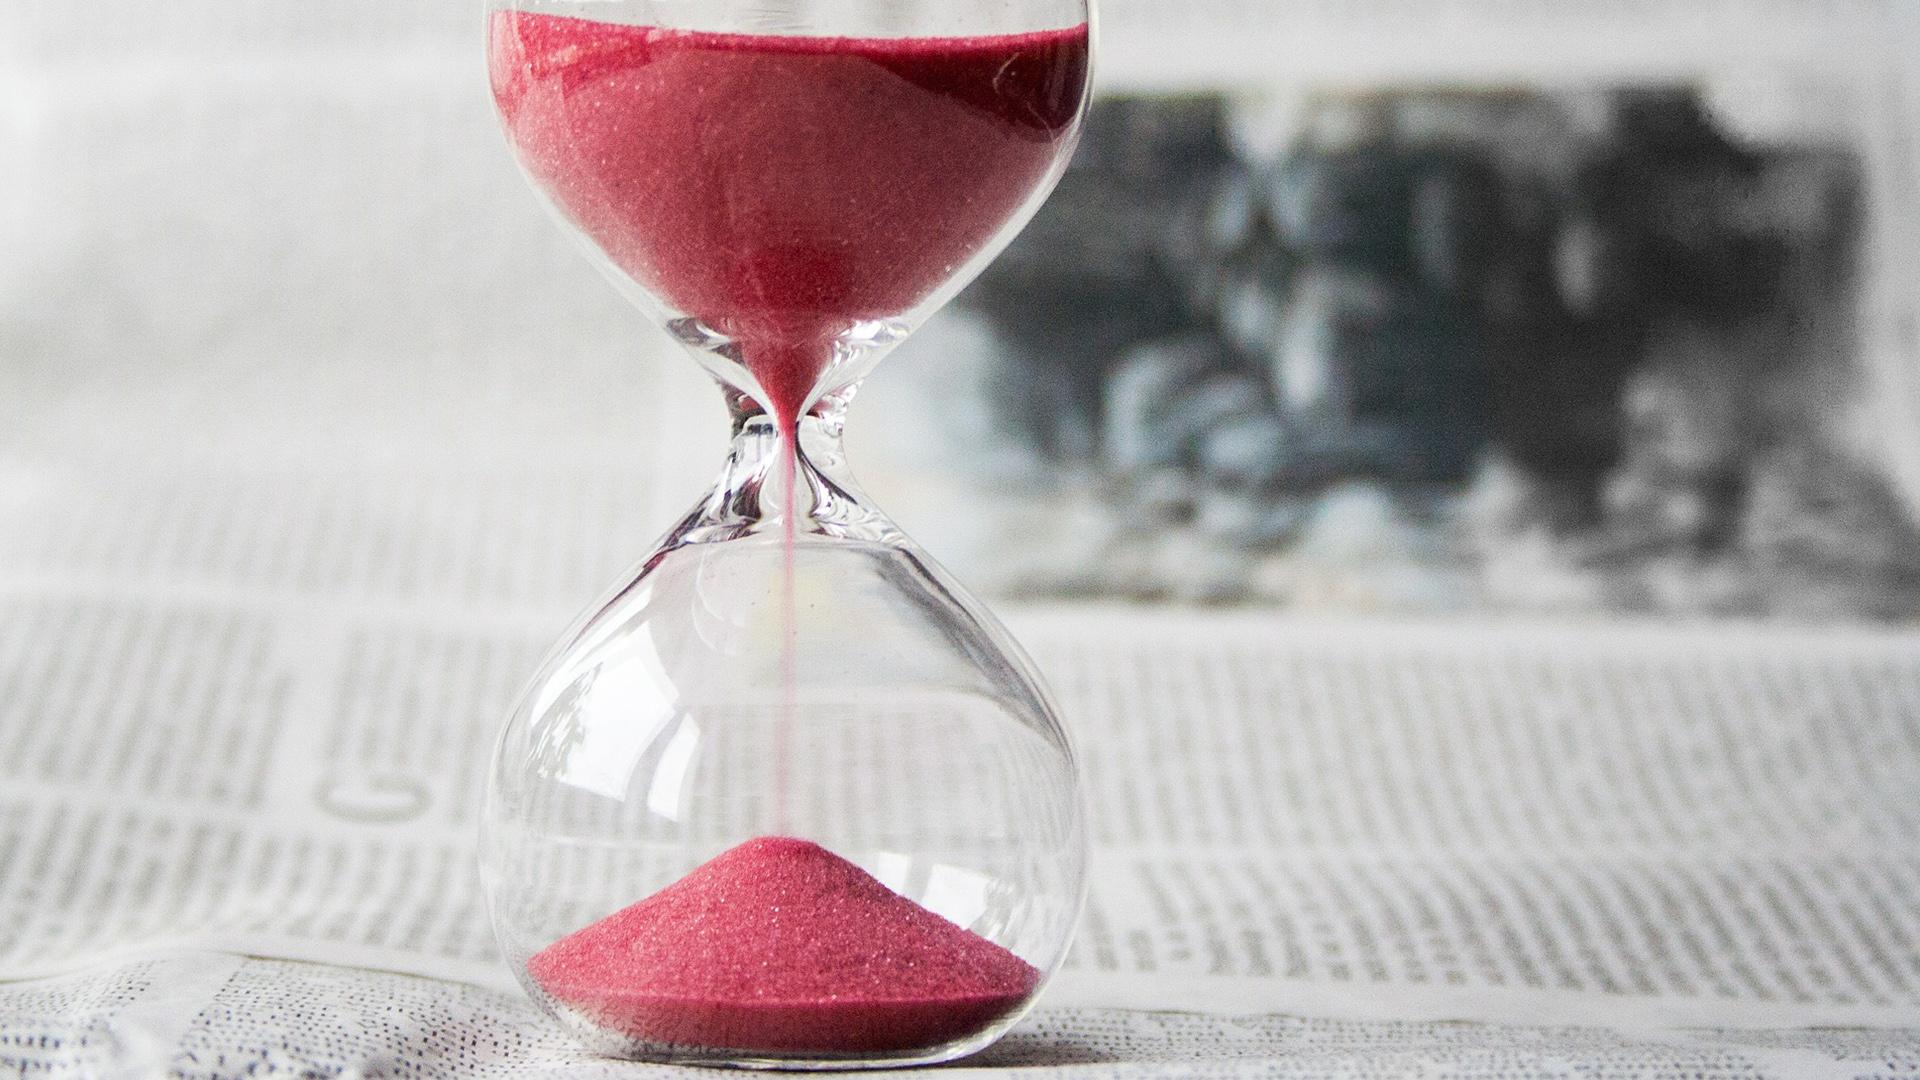 Mesmo com fatores externos que influenciam no tempo de retirada do visto, o processo pode ser mais rápido que você imagina.